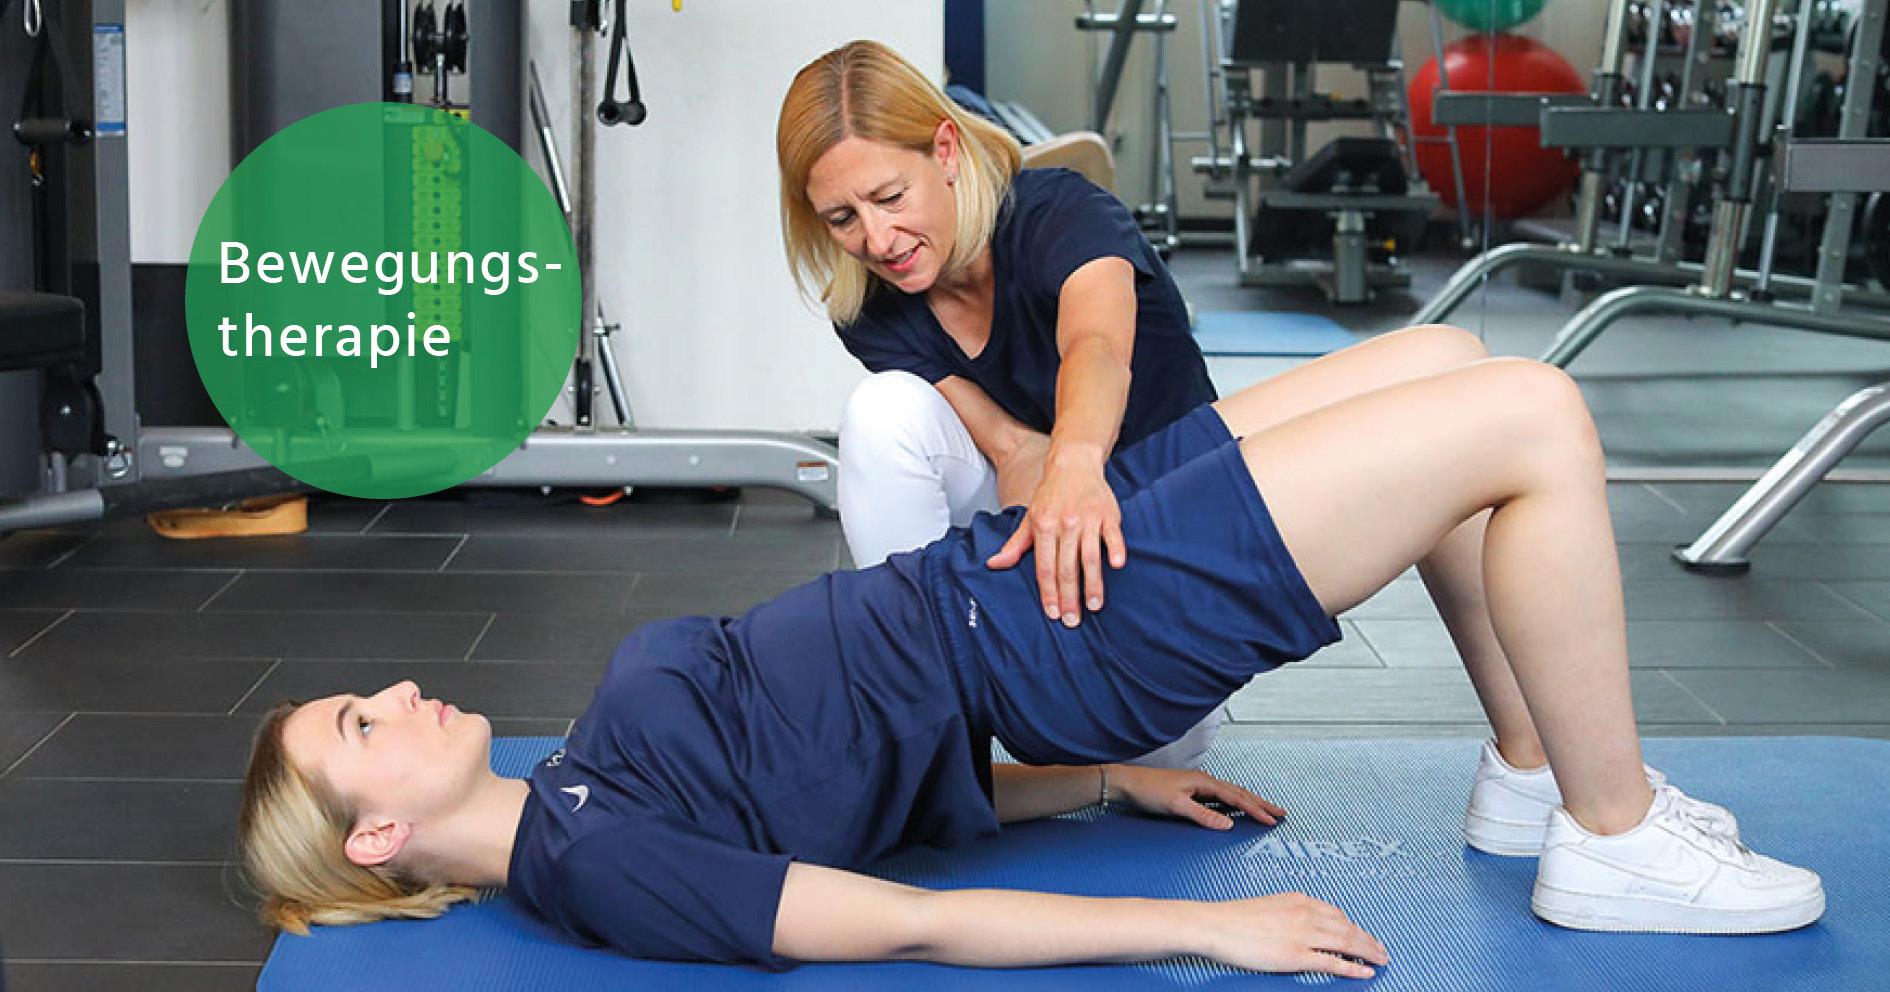 Bewgungstherapie Therapie Brunner & Bonesso